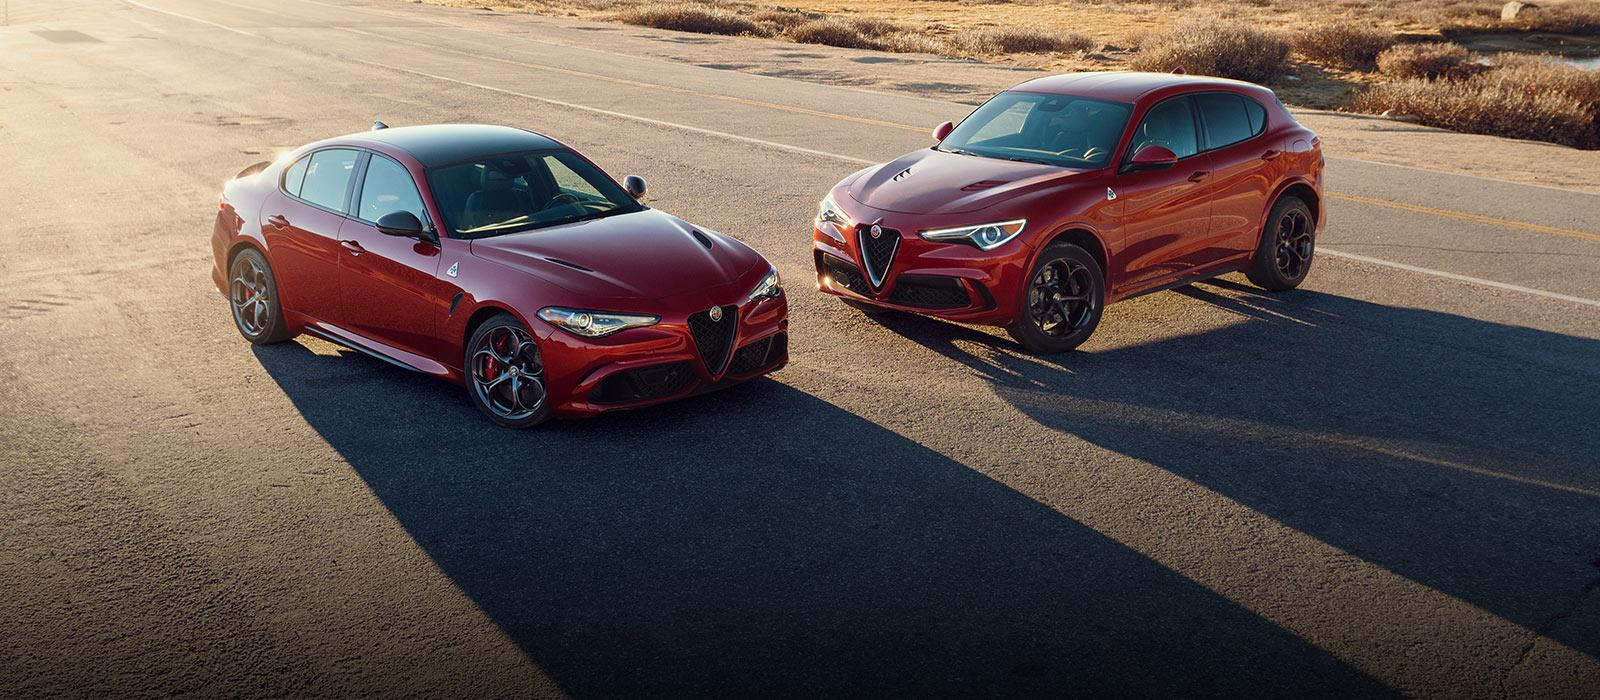 UnAlfa Romeo Giulia Quadrifoglio2021 rojo y unAlfa Romeo Stelvio Quadrifoglio2021 rojo estacionados en el borde de una carretera.